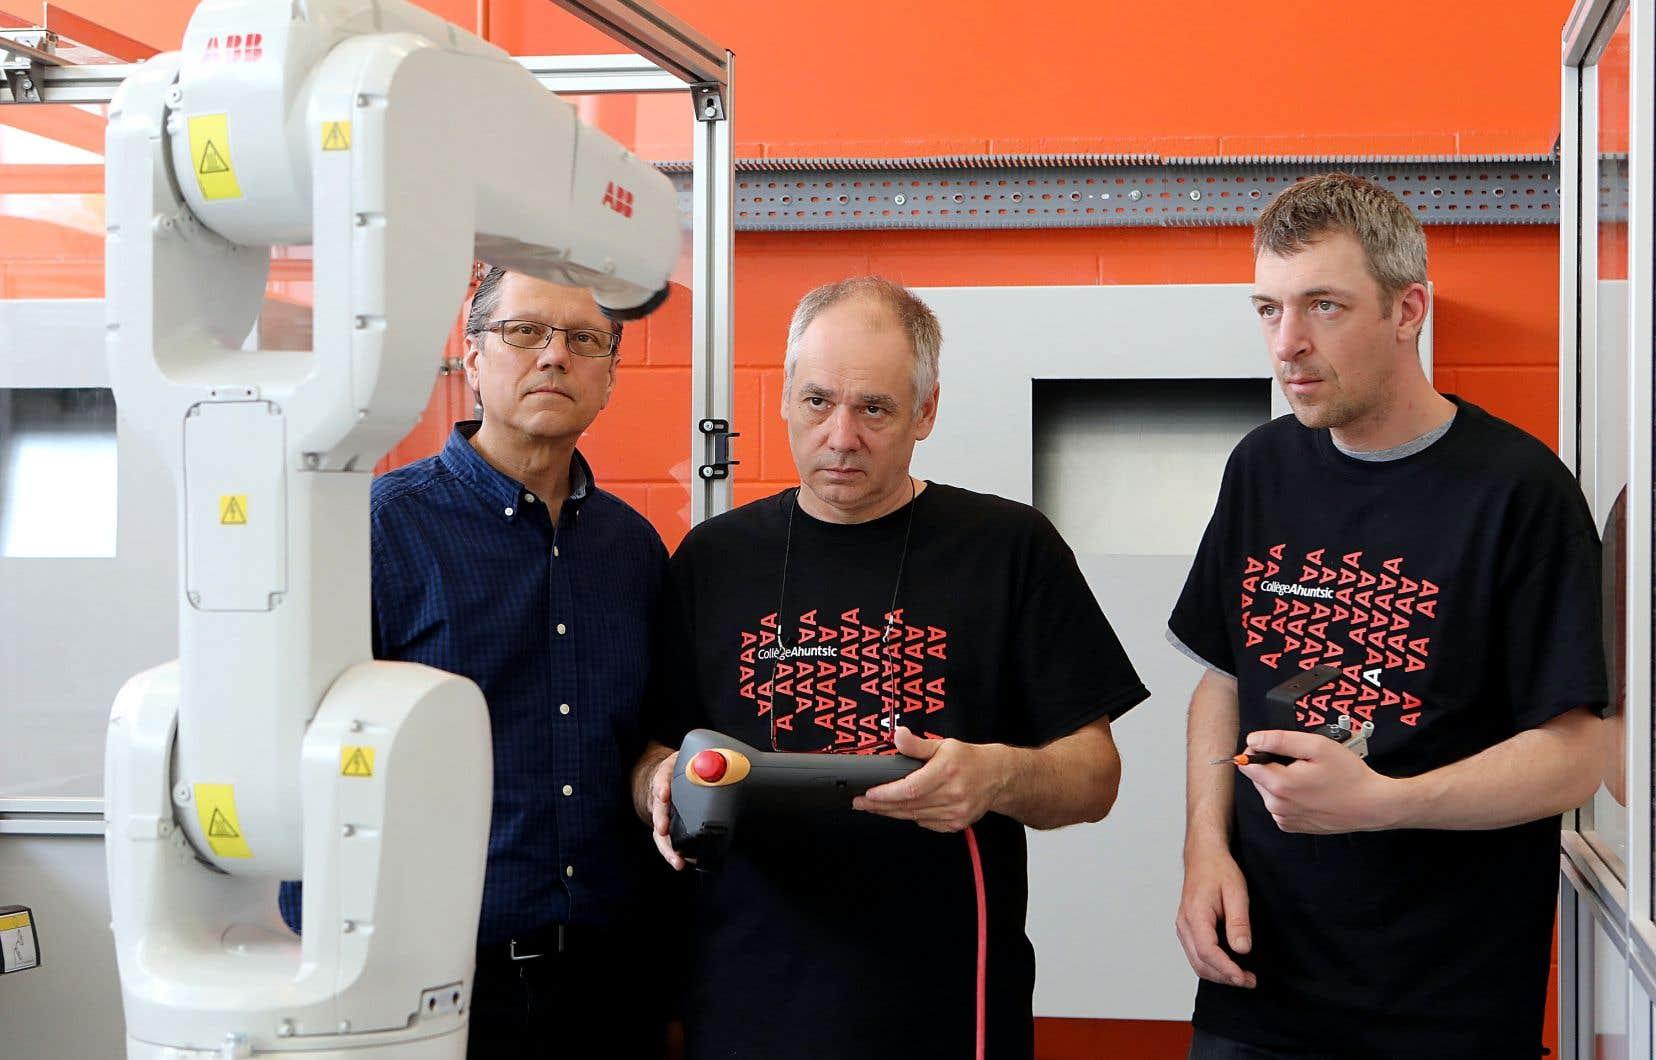 L'enseignant au collège Ahuntsic Benoit Trempe (à gauche) supervise ses étudiants Sylvain Rioux (au centre) et Nicolas Picard (à droite).